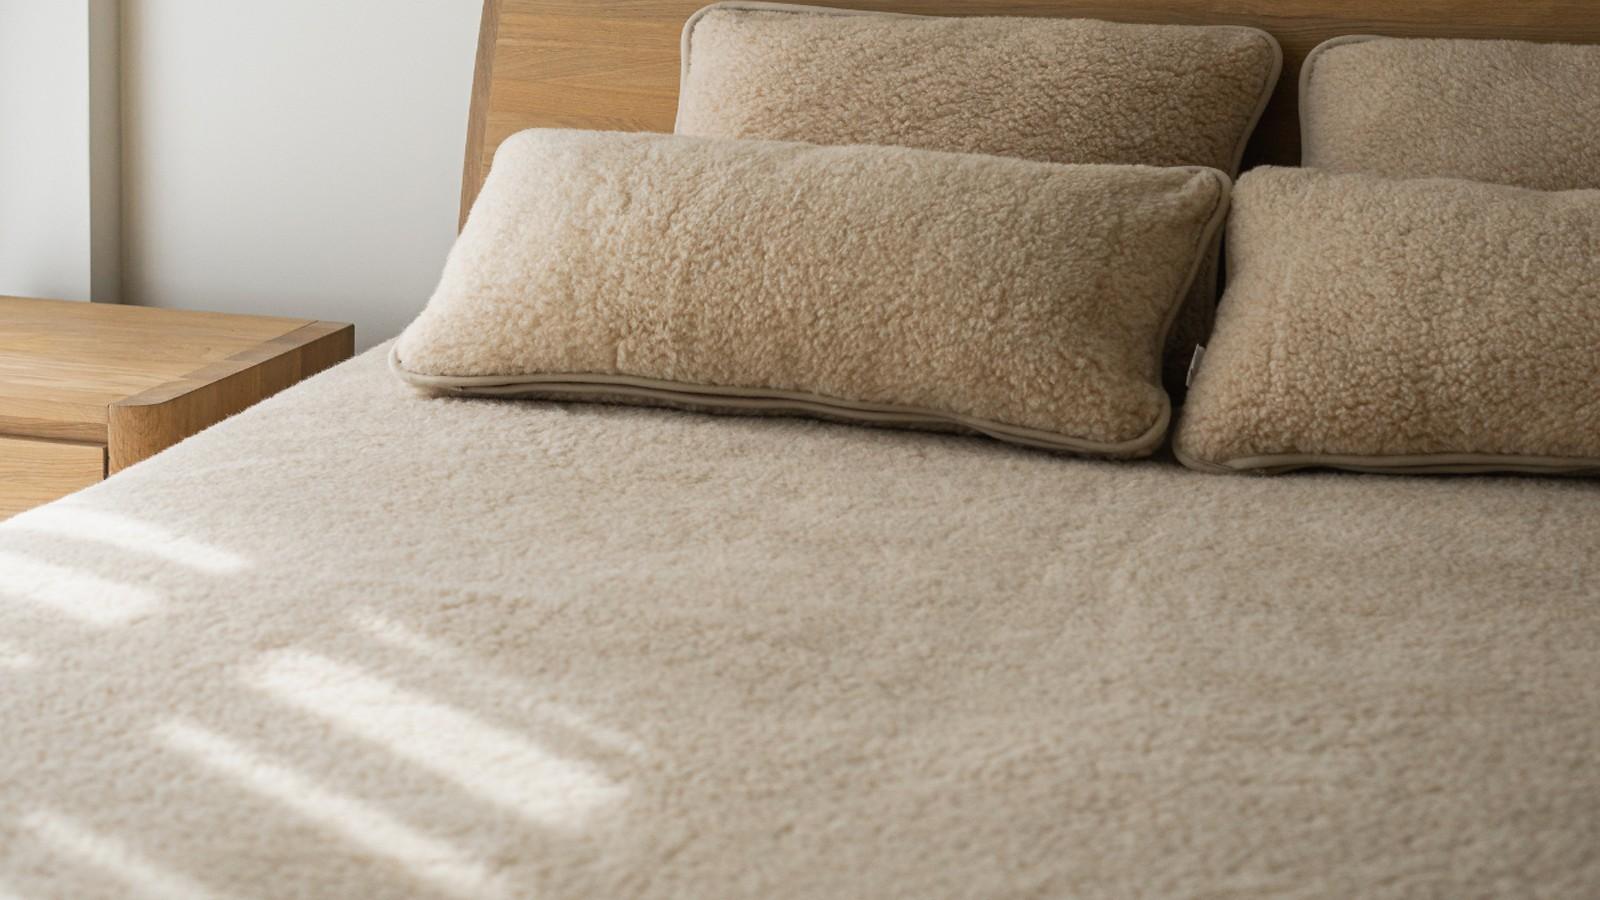 Pătură Almond N2 din lână, 135x200 cm